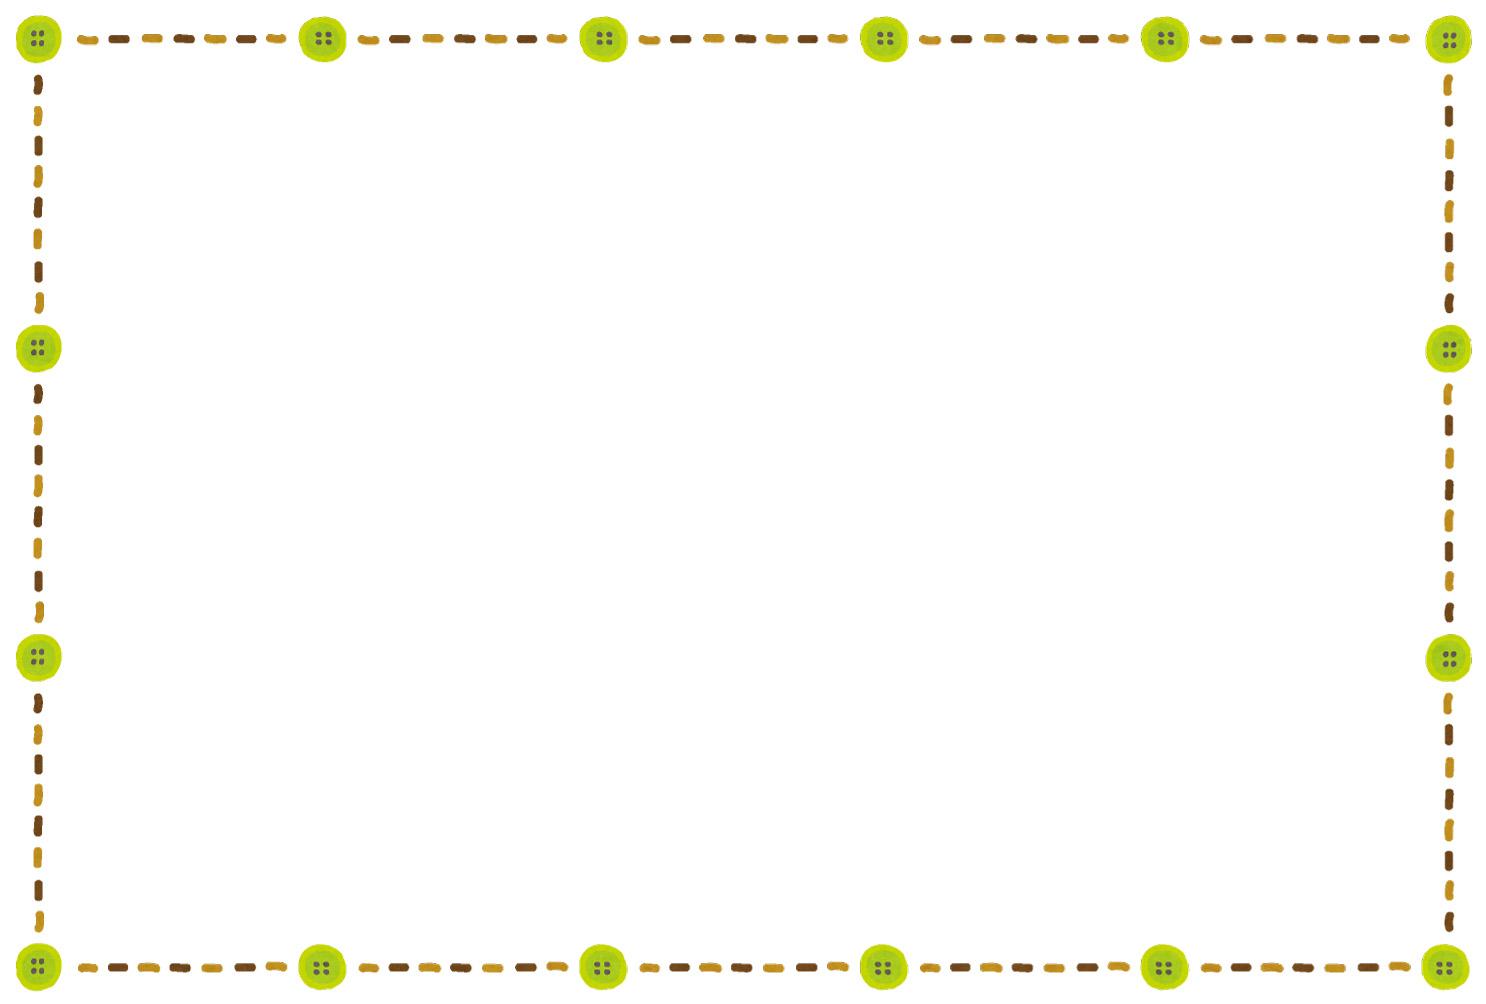 ボタンと刺しゅうのイラストフレーム(枠) | かわいいフリー素材集